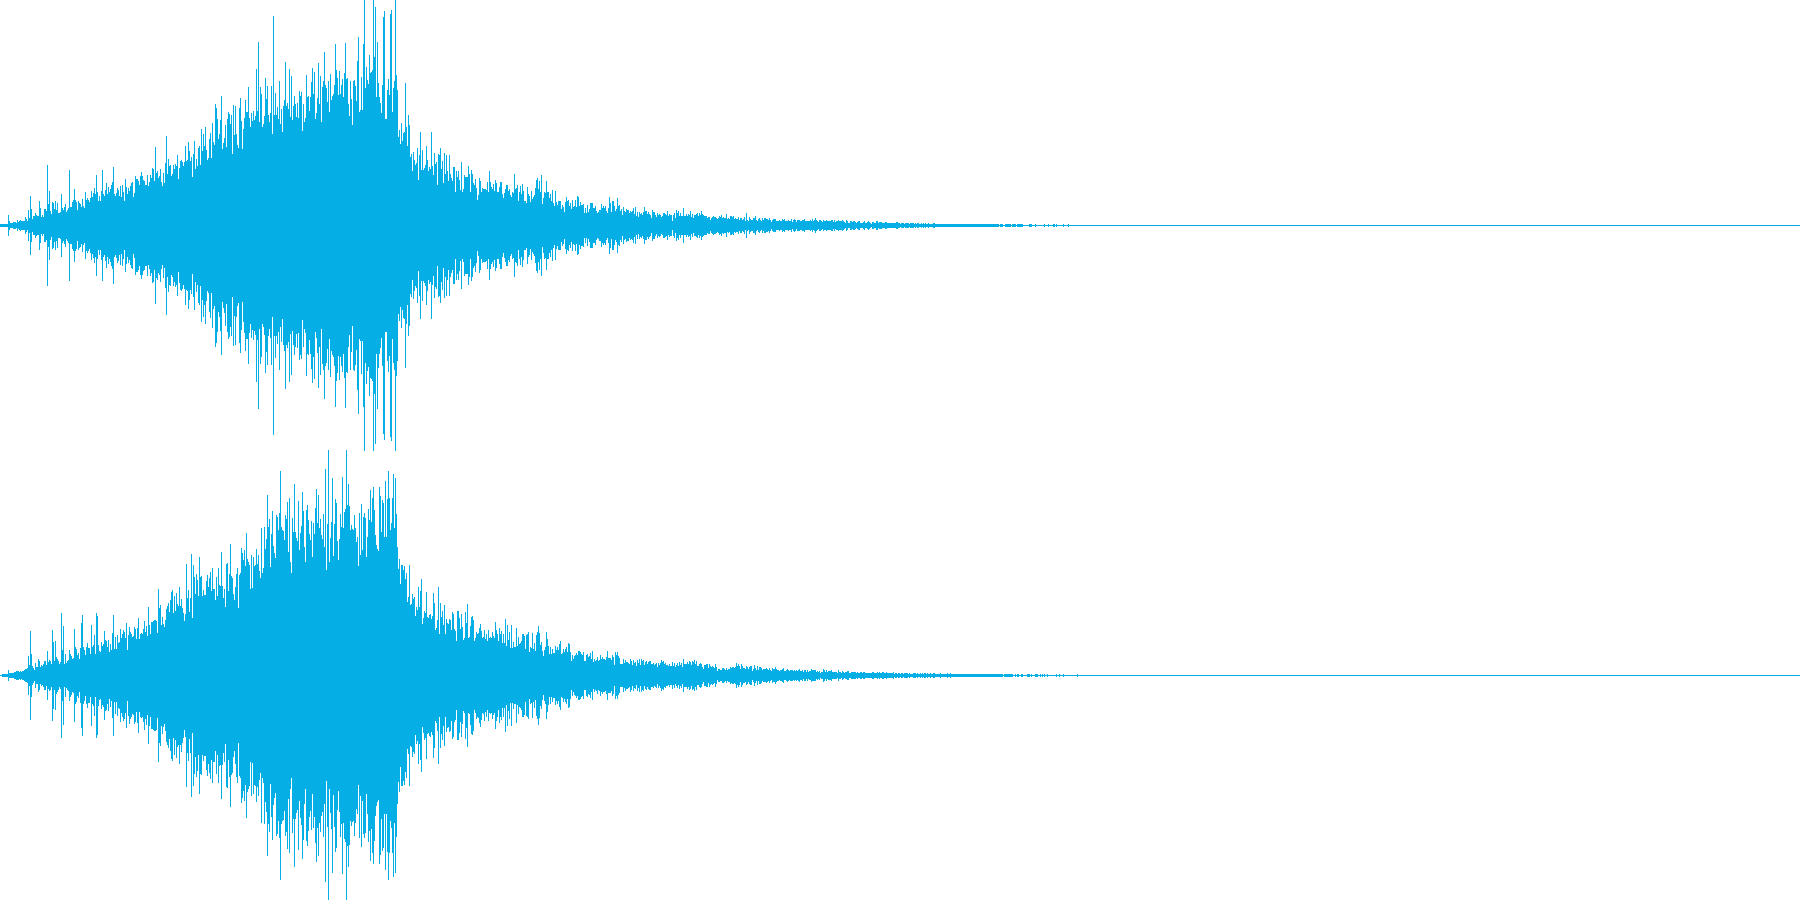 シュー(ノイズがフェードアウトする音)の再生済みの波形